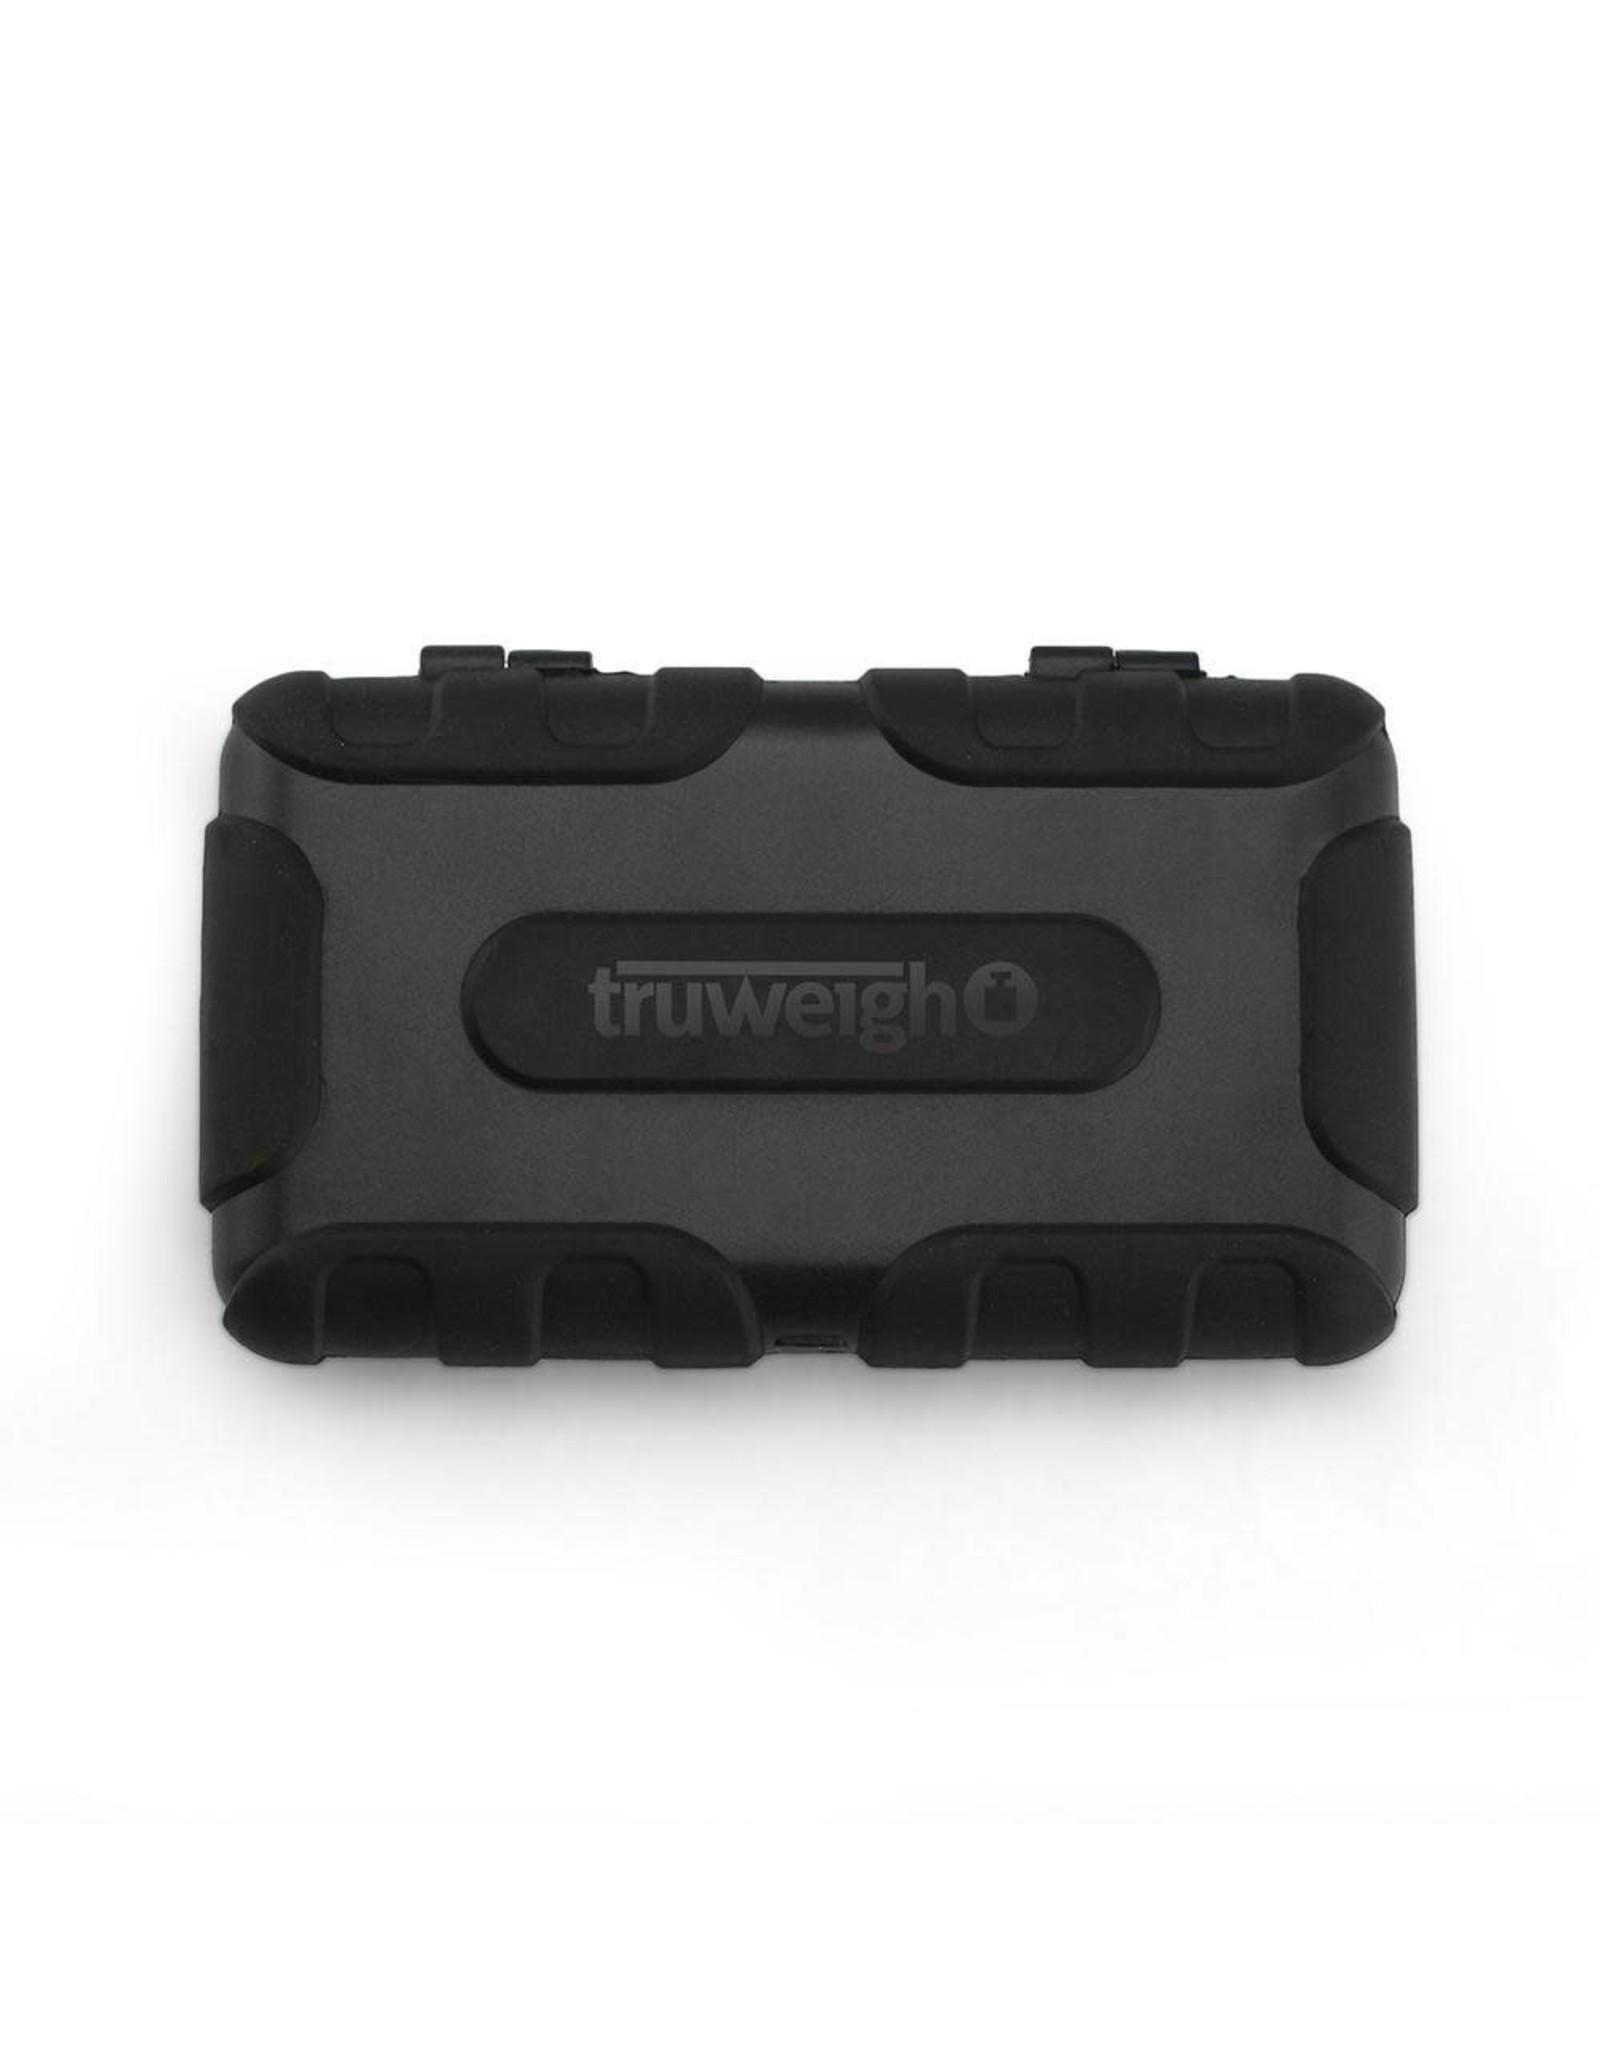 truweigh Truweigh Tuff Weigh 100g 0.01g Black